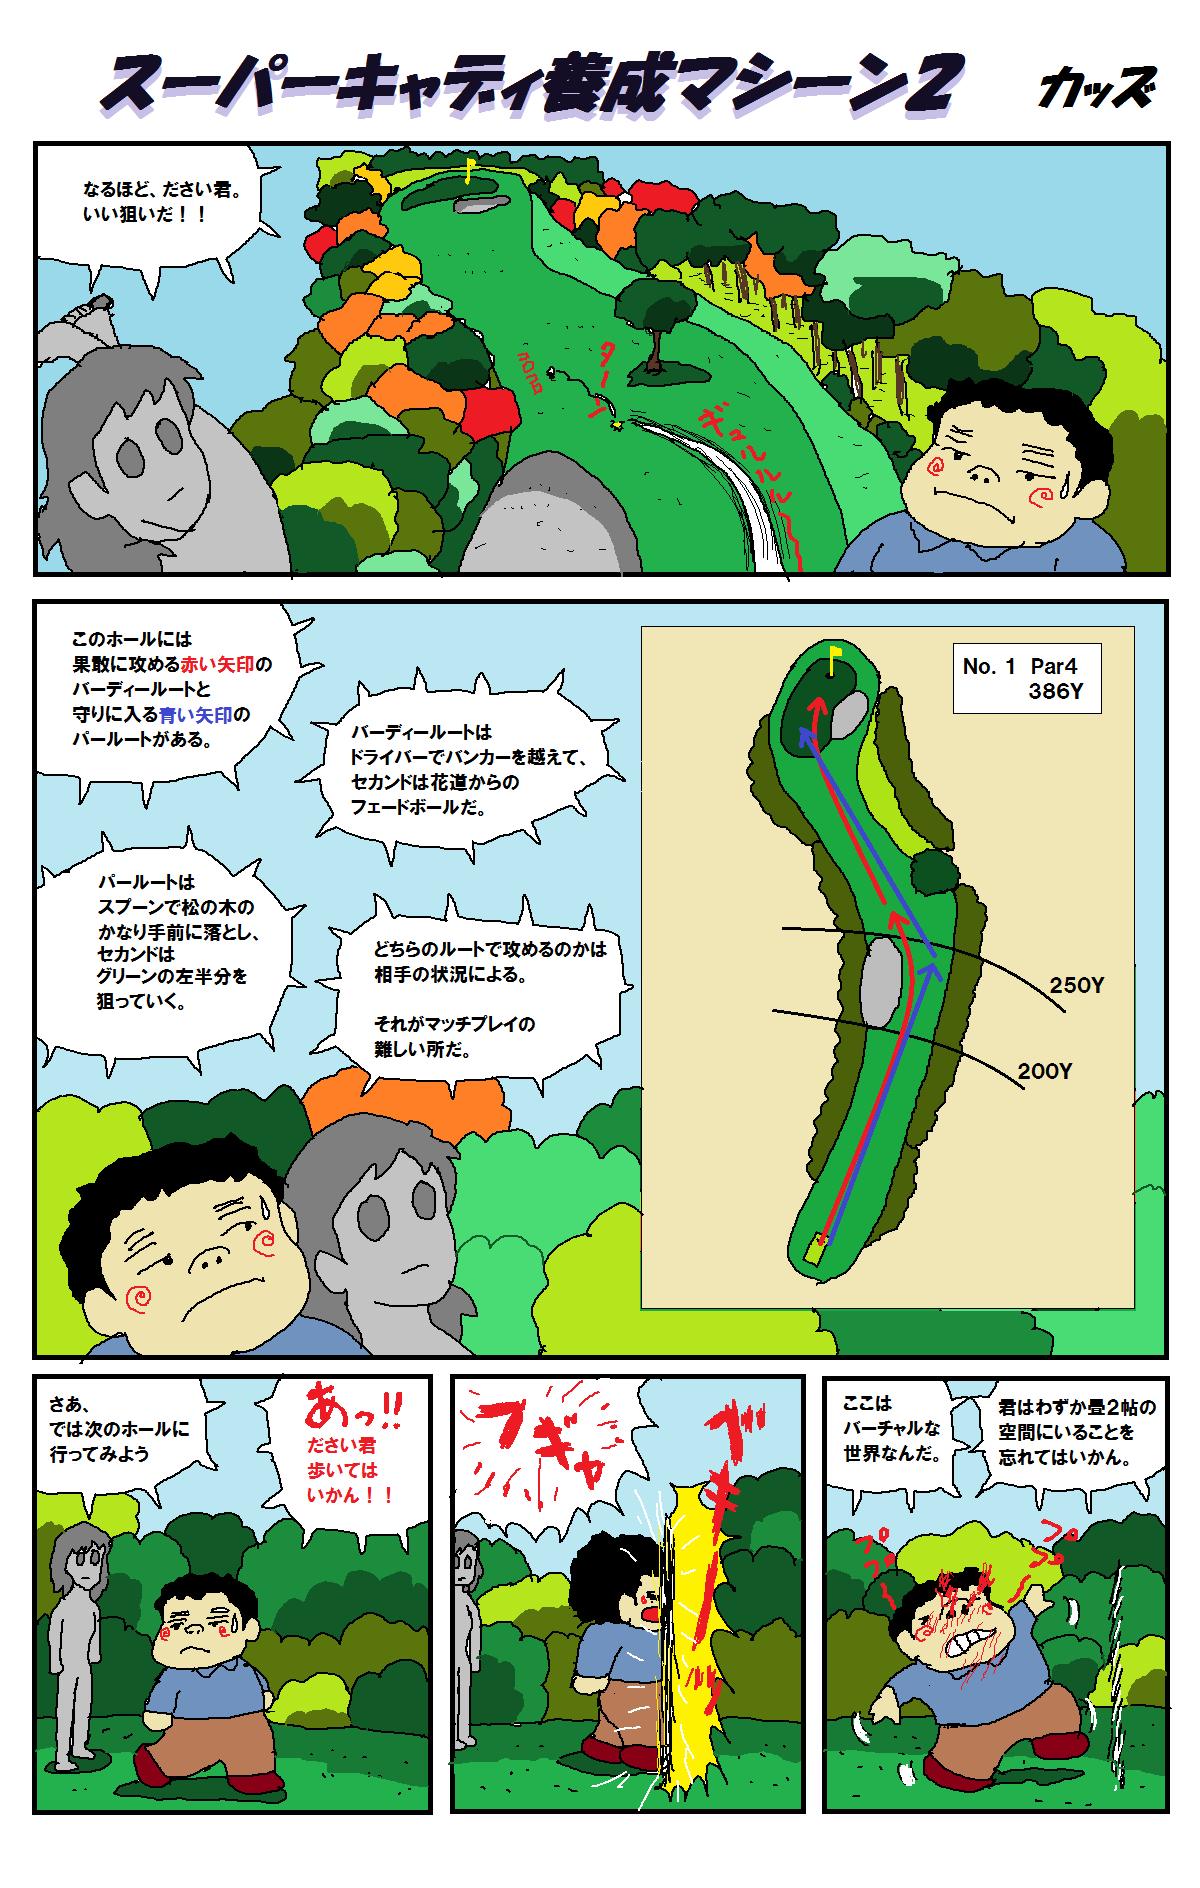 スーパーキャディ養成マシーン2